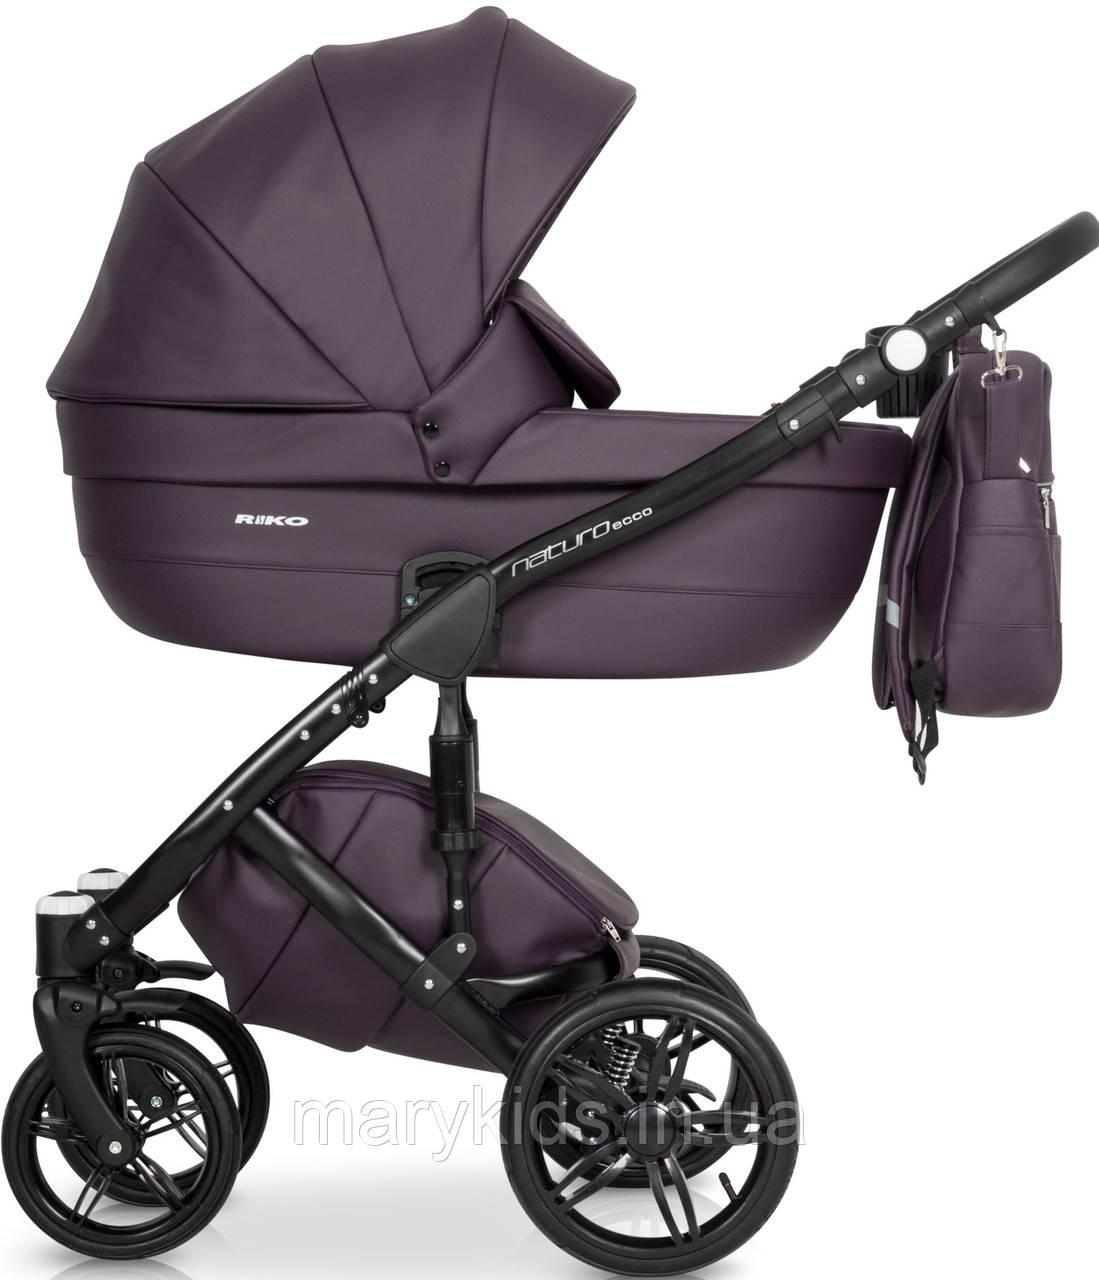 Детская универсальная коляска 2 в 1 Riko Naturo Ecco 01 Plum